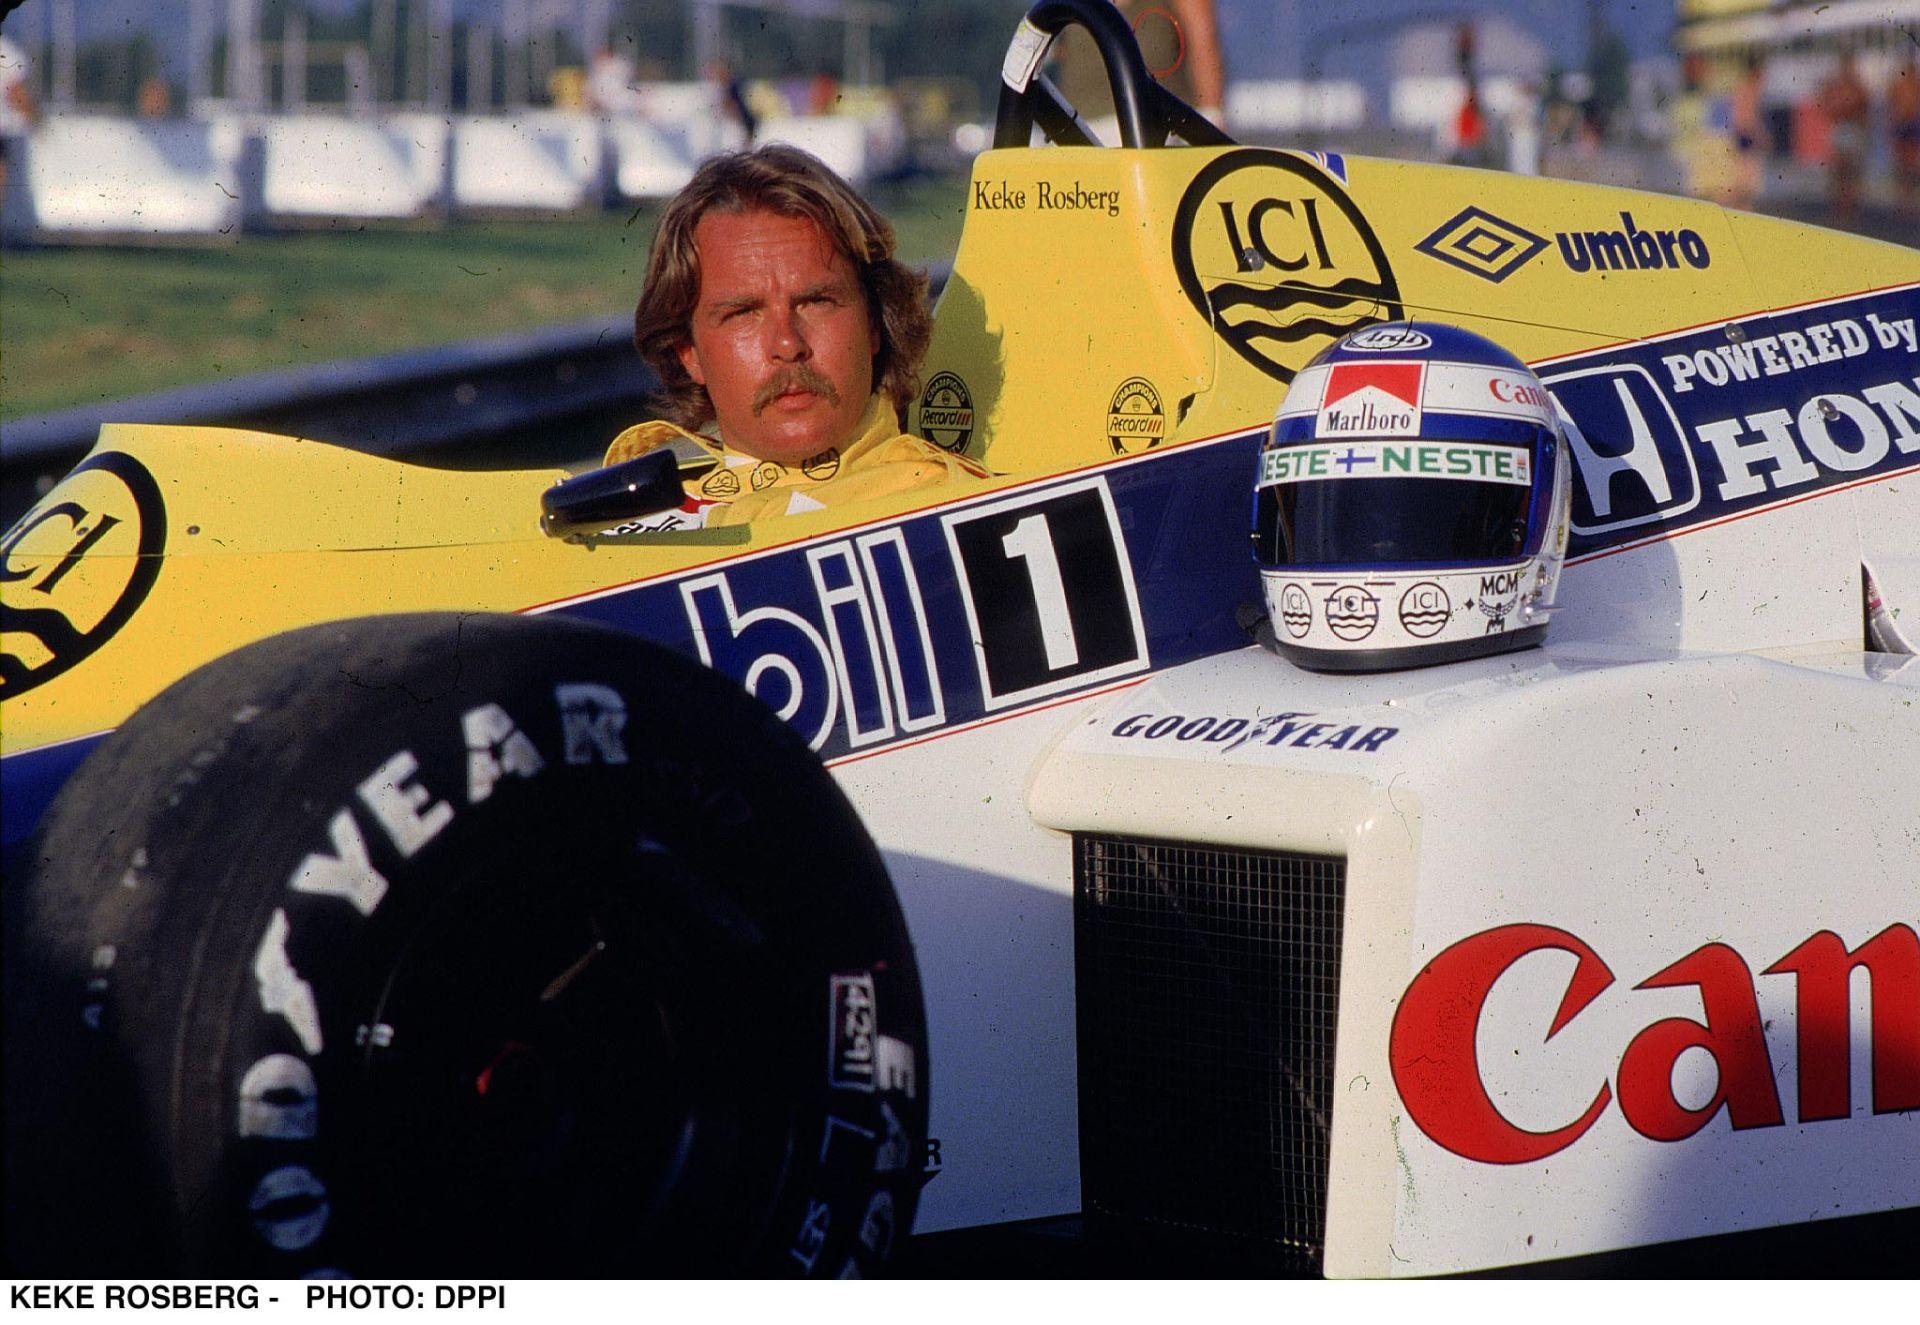 A Williams már fontolgatja, hogy Hondára cserélje a Mercedes motorjait